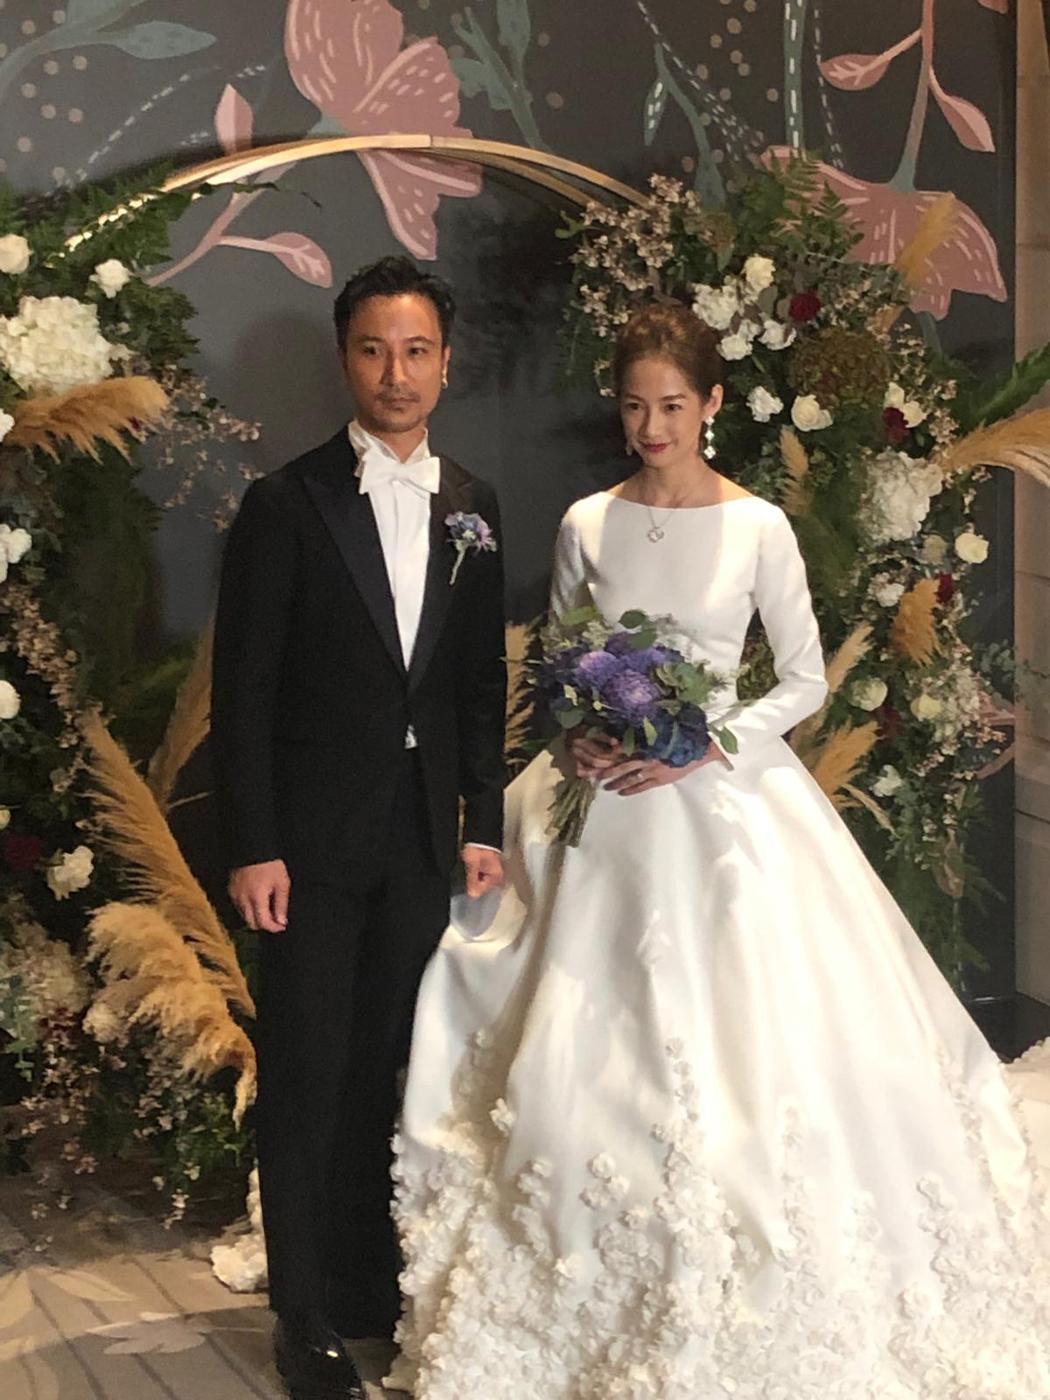 簡嫚書與雲昌隆昨日在東方文華飯店舉辦婚禮。記者陳建嘉攝